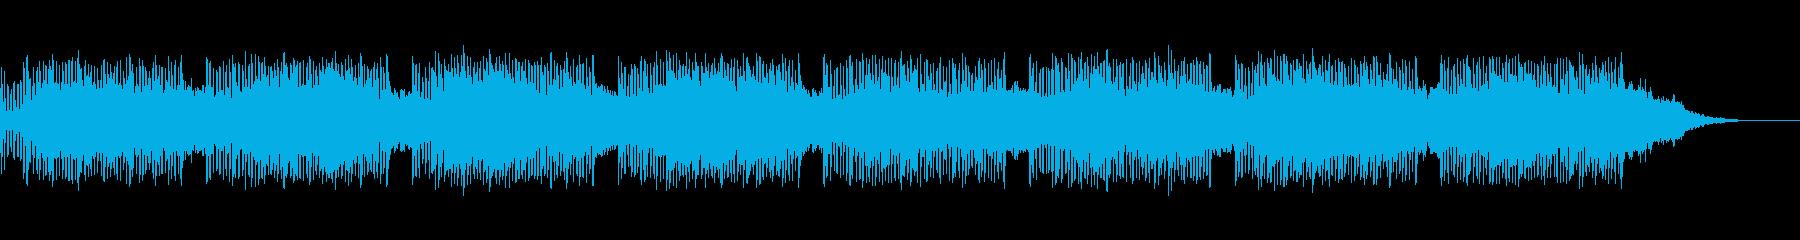 ボイスパーカッションによる民族風の曲の再生済みの波形